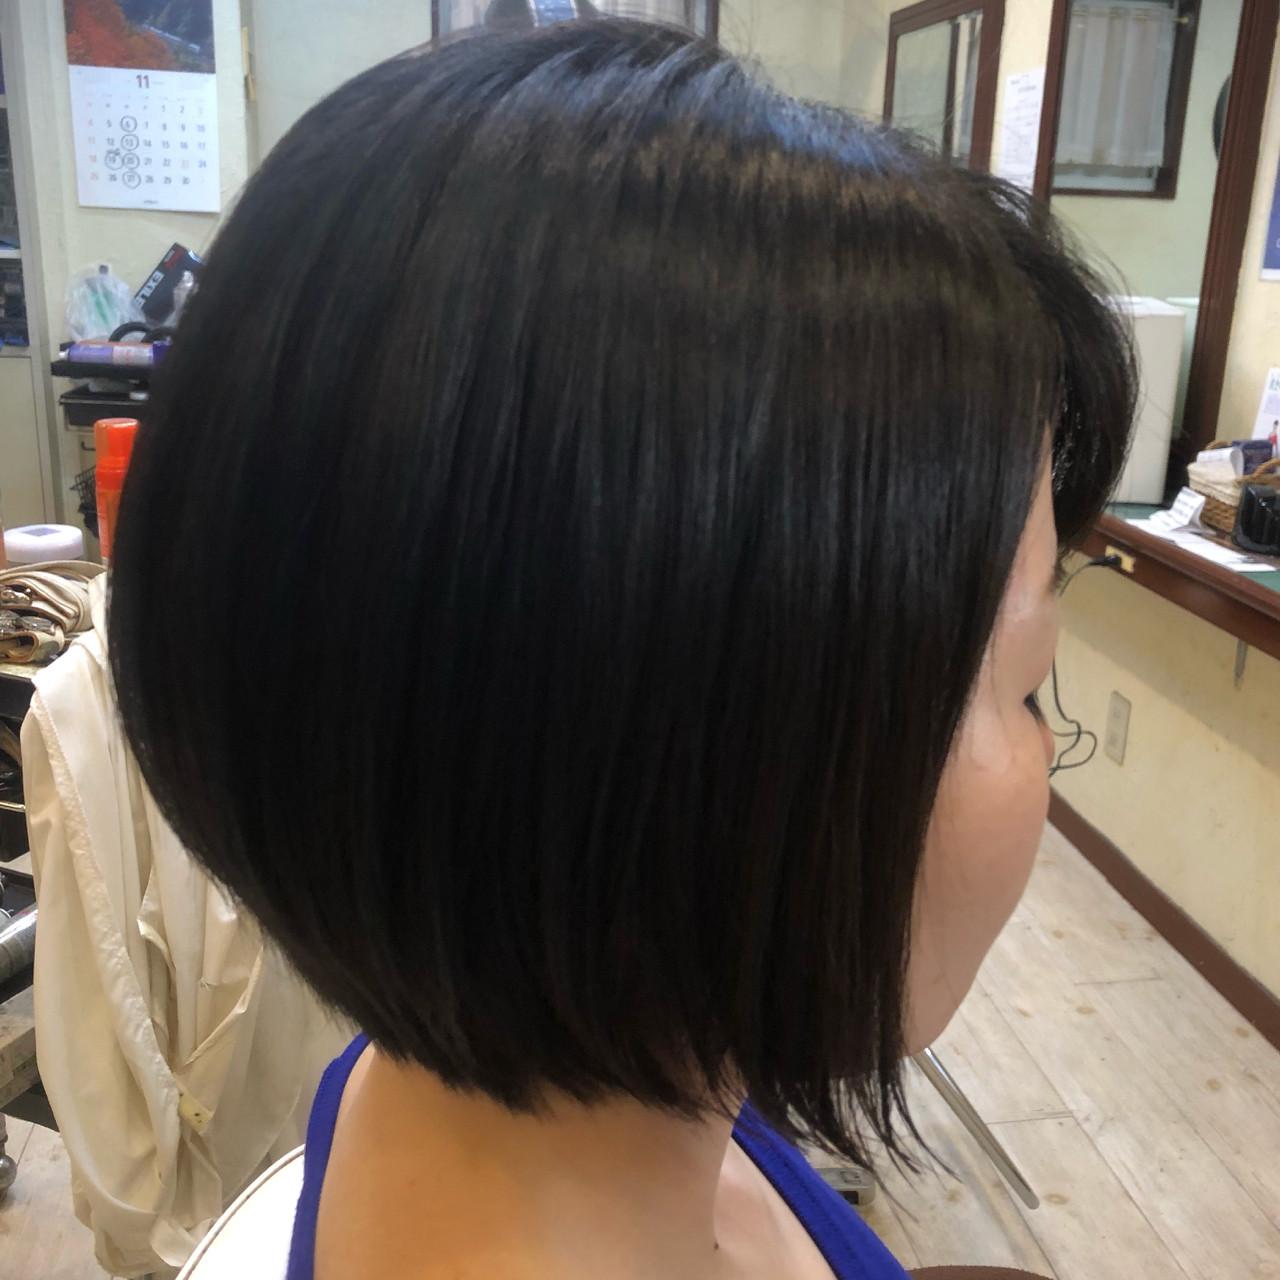 艶髪 前下がり エレガント 大人女子ヘアスタイルや髪型の写真・画像